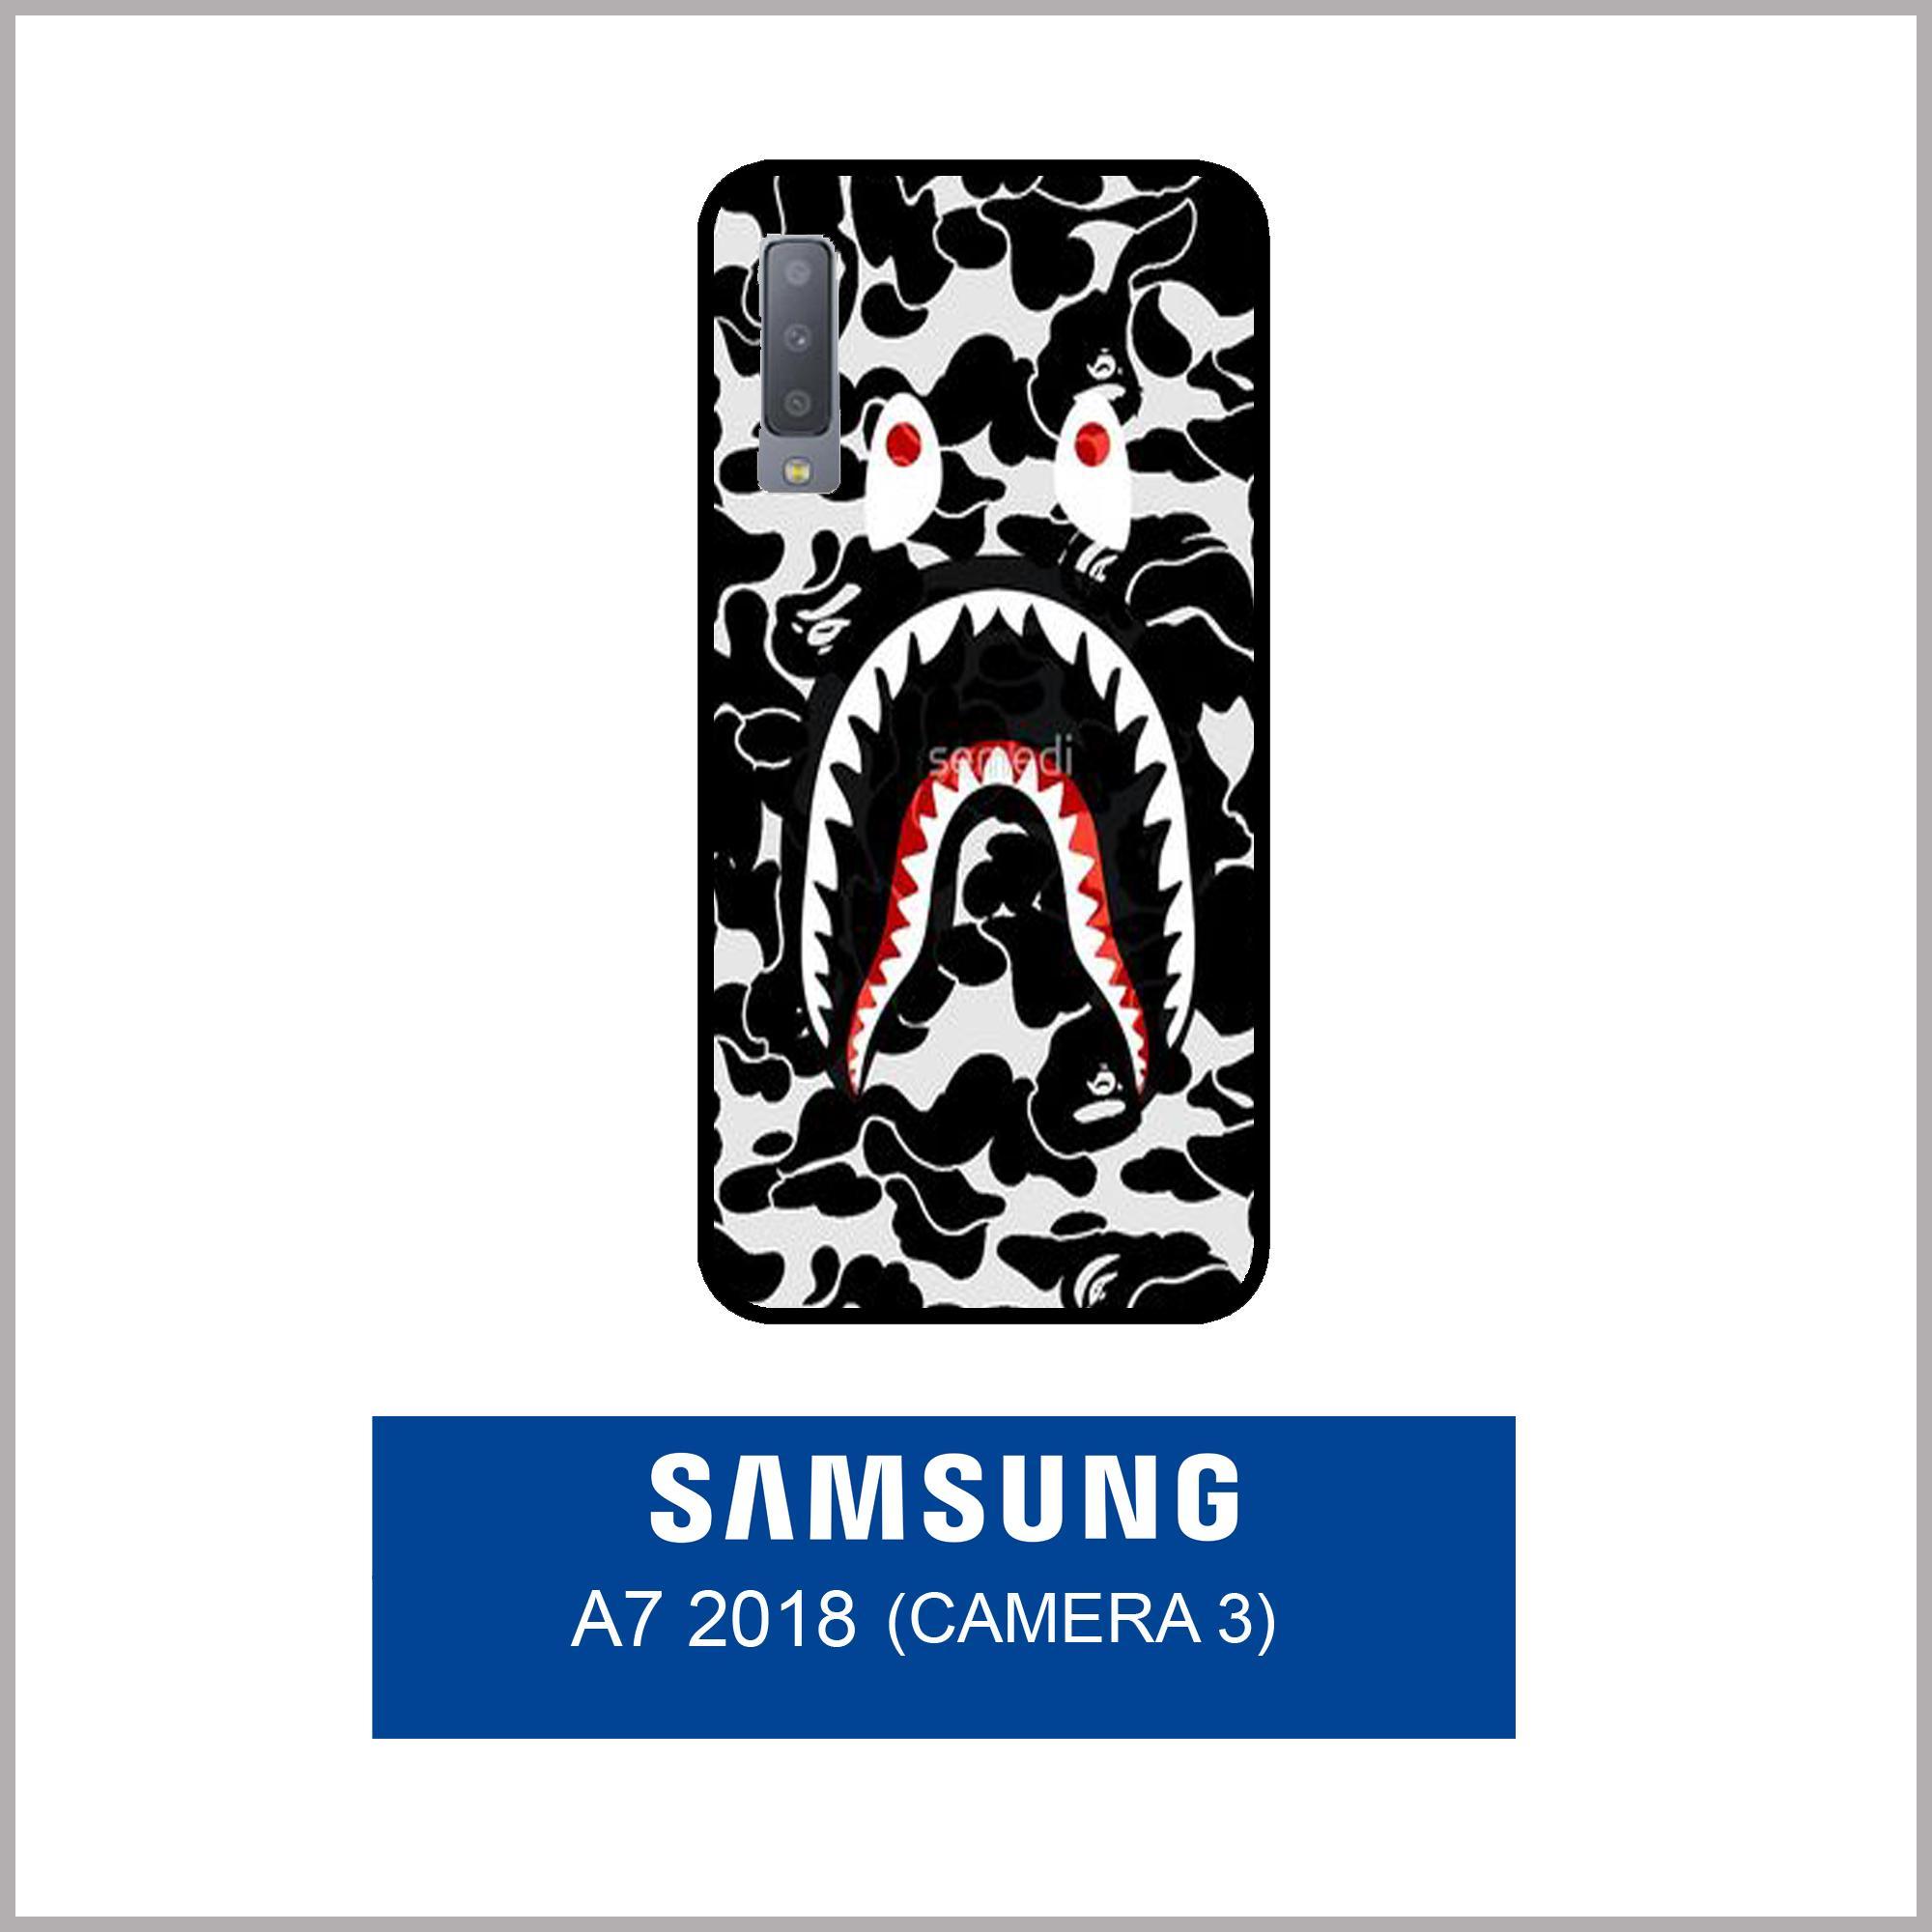 Harga Rajamurah Fasion Printing Case Samsung A7 2018 6 Camera 3 Harga Rp 39.500